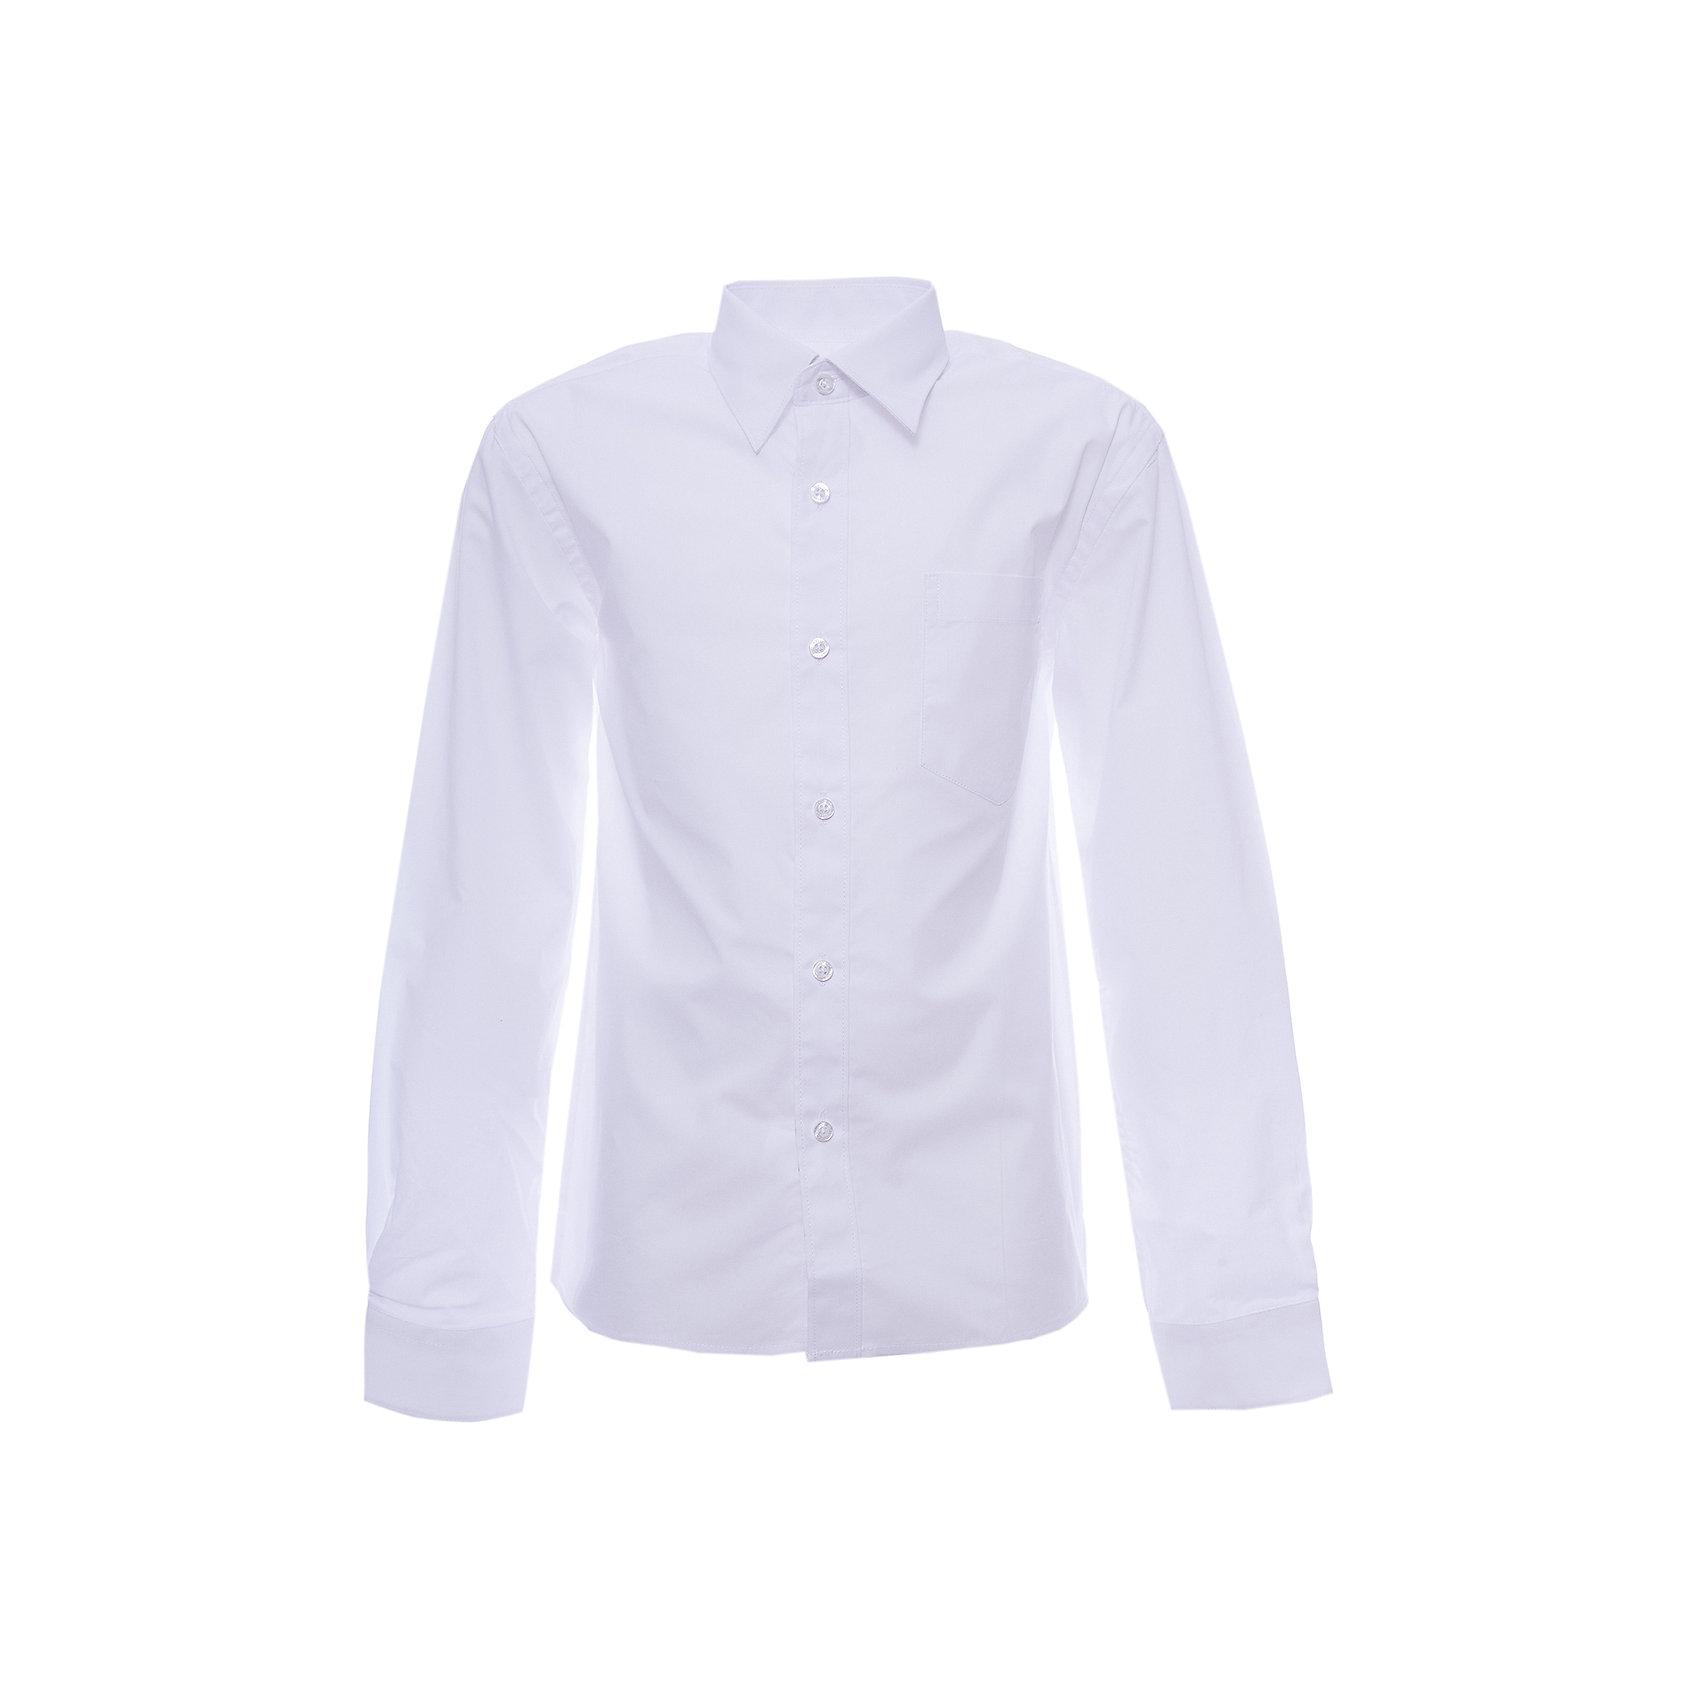 Рубашка CLASSIC для мальчика SkylakeБлузки и рубашки<br>Сорочка детская для мальчика<br>Состав:<br>80% хлопок, 20% п/э<br><br>Ширина мм: 174<br>Глубина мм: 10<br>Высота мм: 169<br>Вес г: 157<br>Цвет: белый<br>Возраст от месяцев: 144<br>Возраст до месяцев: 156<br>Пол: Мужской<br>Возраст: Детский<br>Размер: 158,134,122,128,140,146,152<br>SKU: 6772809